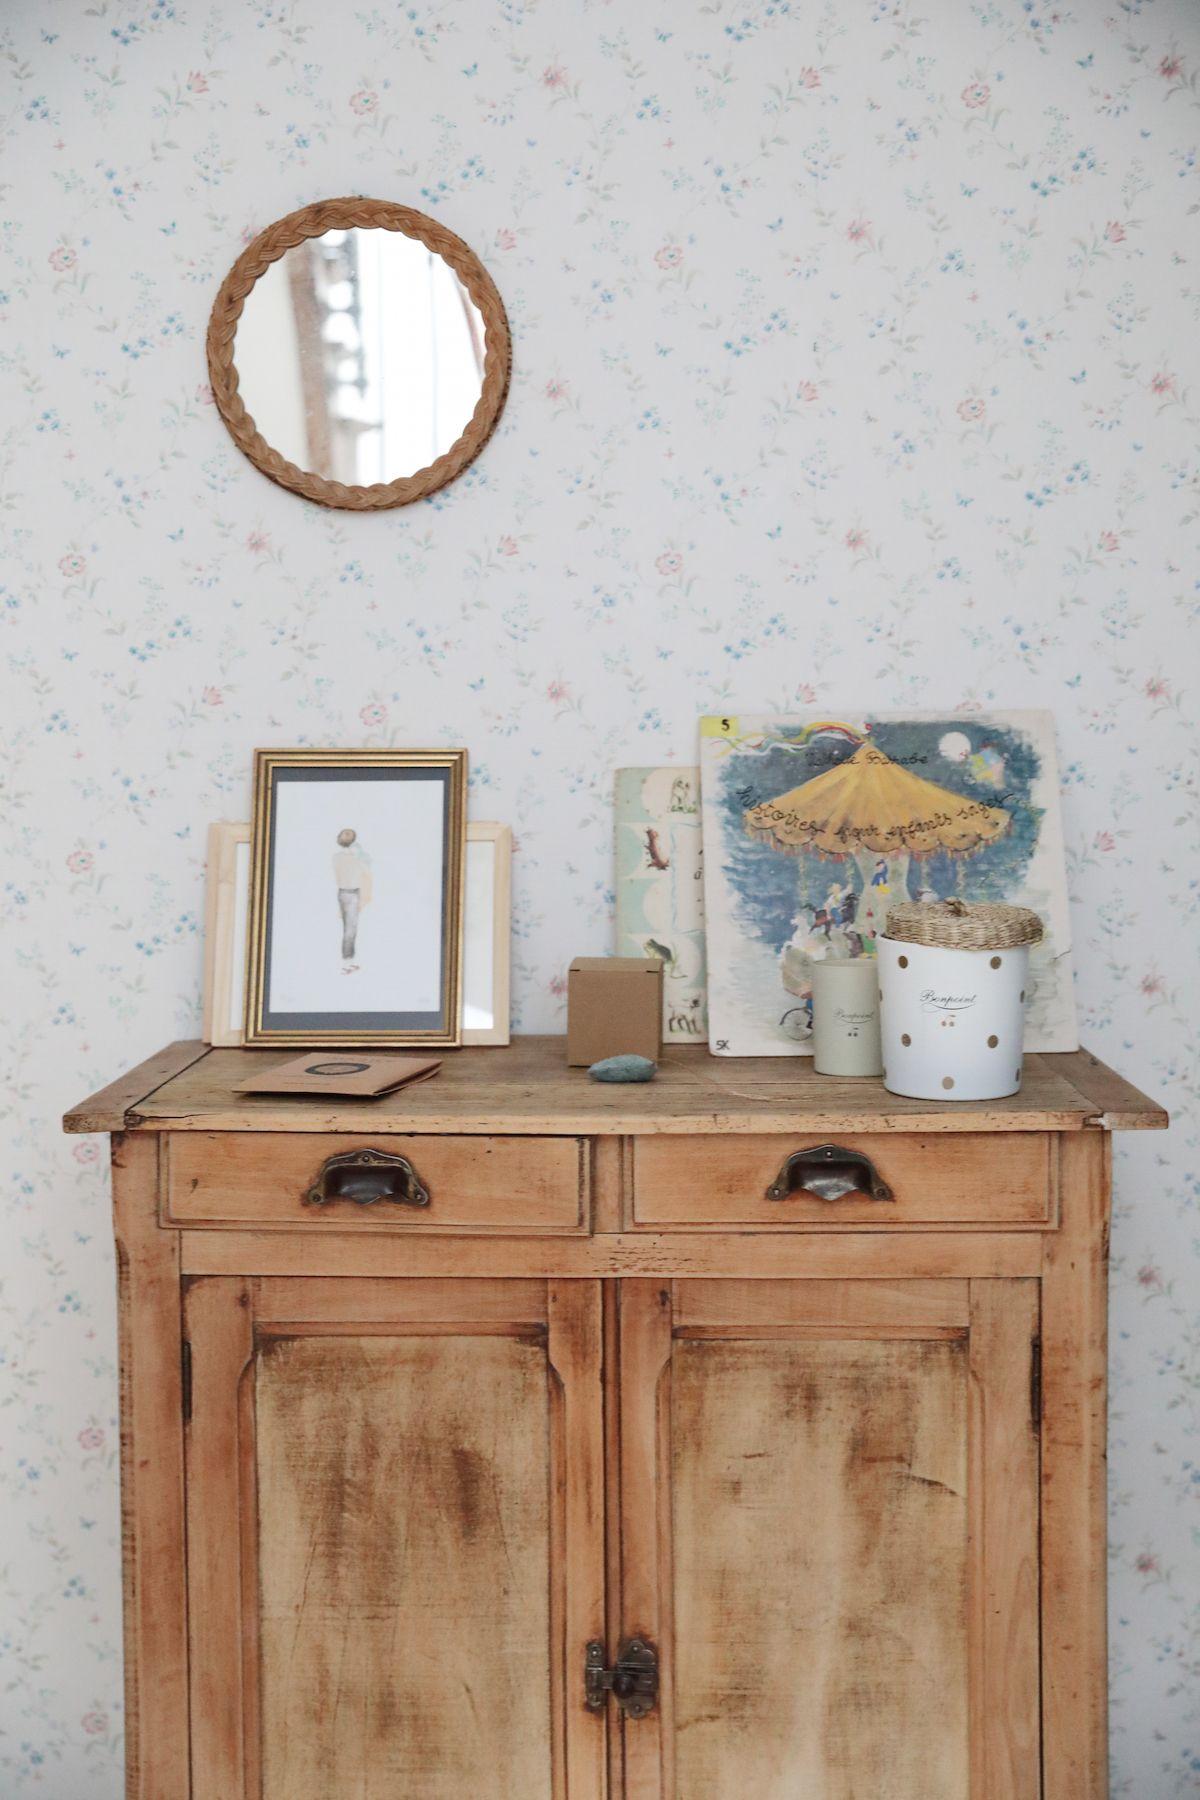 Bienvenue Dans La Maison Facon Cottage Anglais De Mai Creatrice De Marceline Decoration Maison Cottages Anglais Meuble Rotin